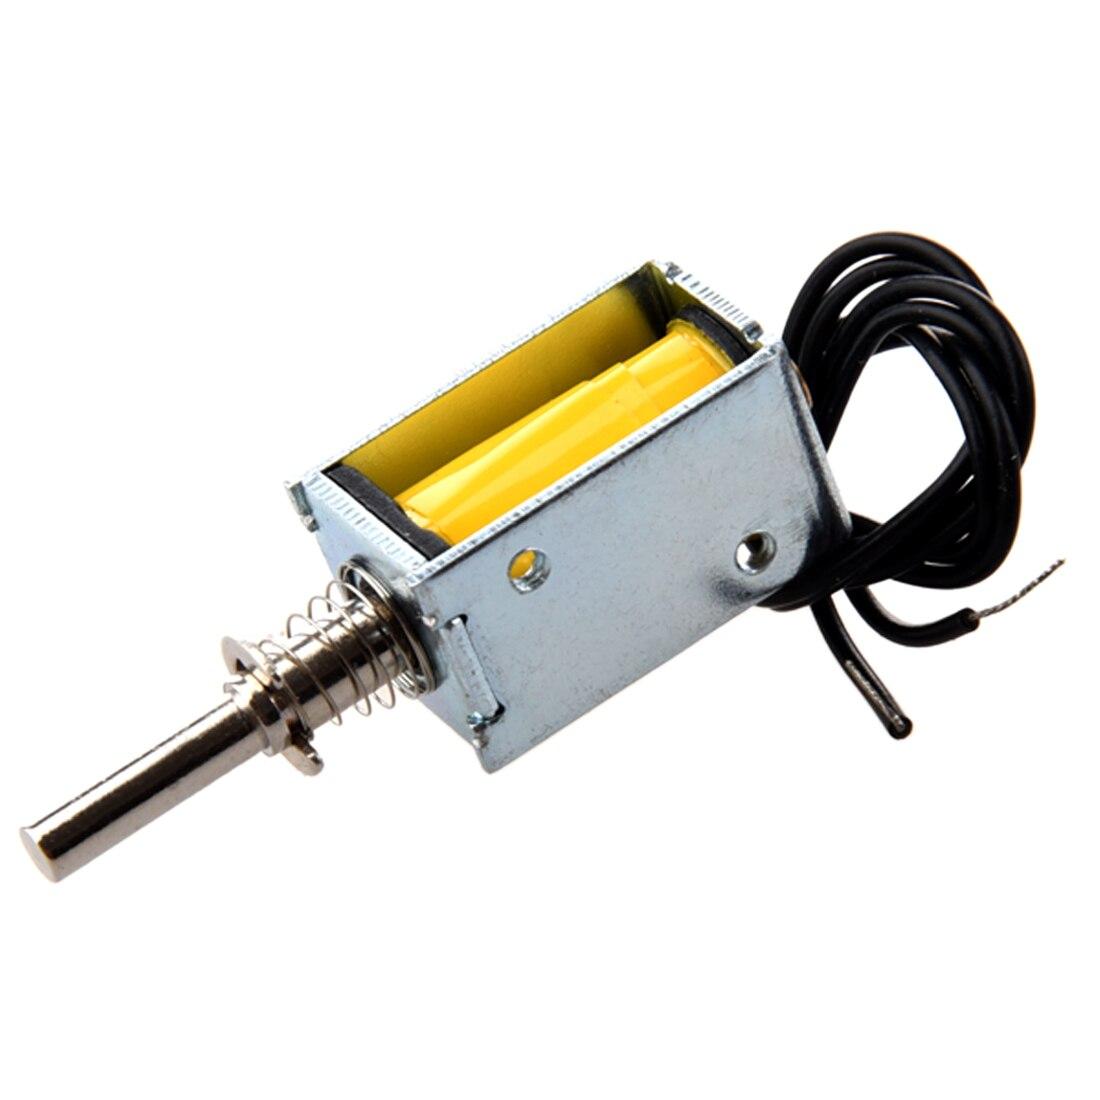 5 в 0.83A 1 мм 100 г 2 50 пусковой Тип открытая рама пружинный Плунжер DC электромагнитный